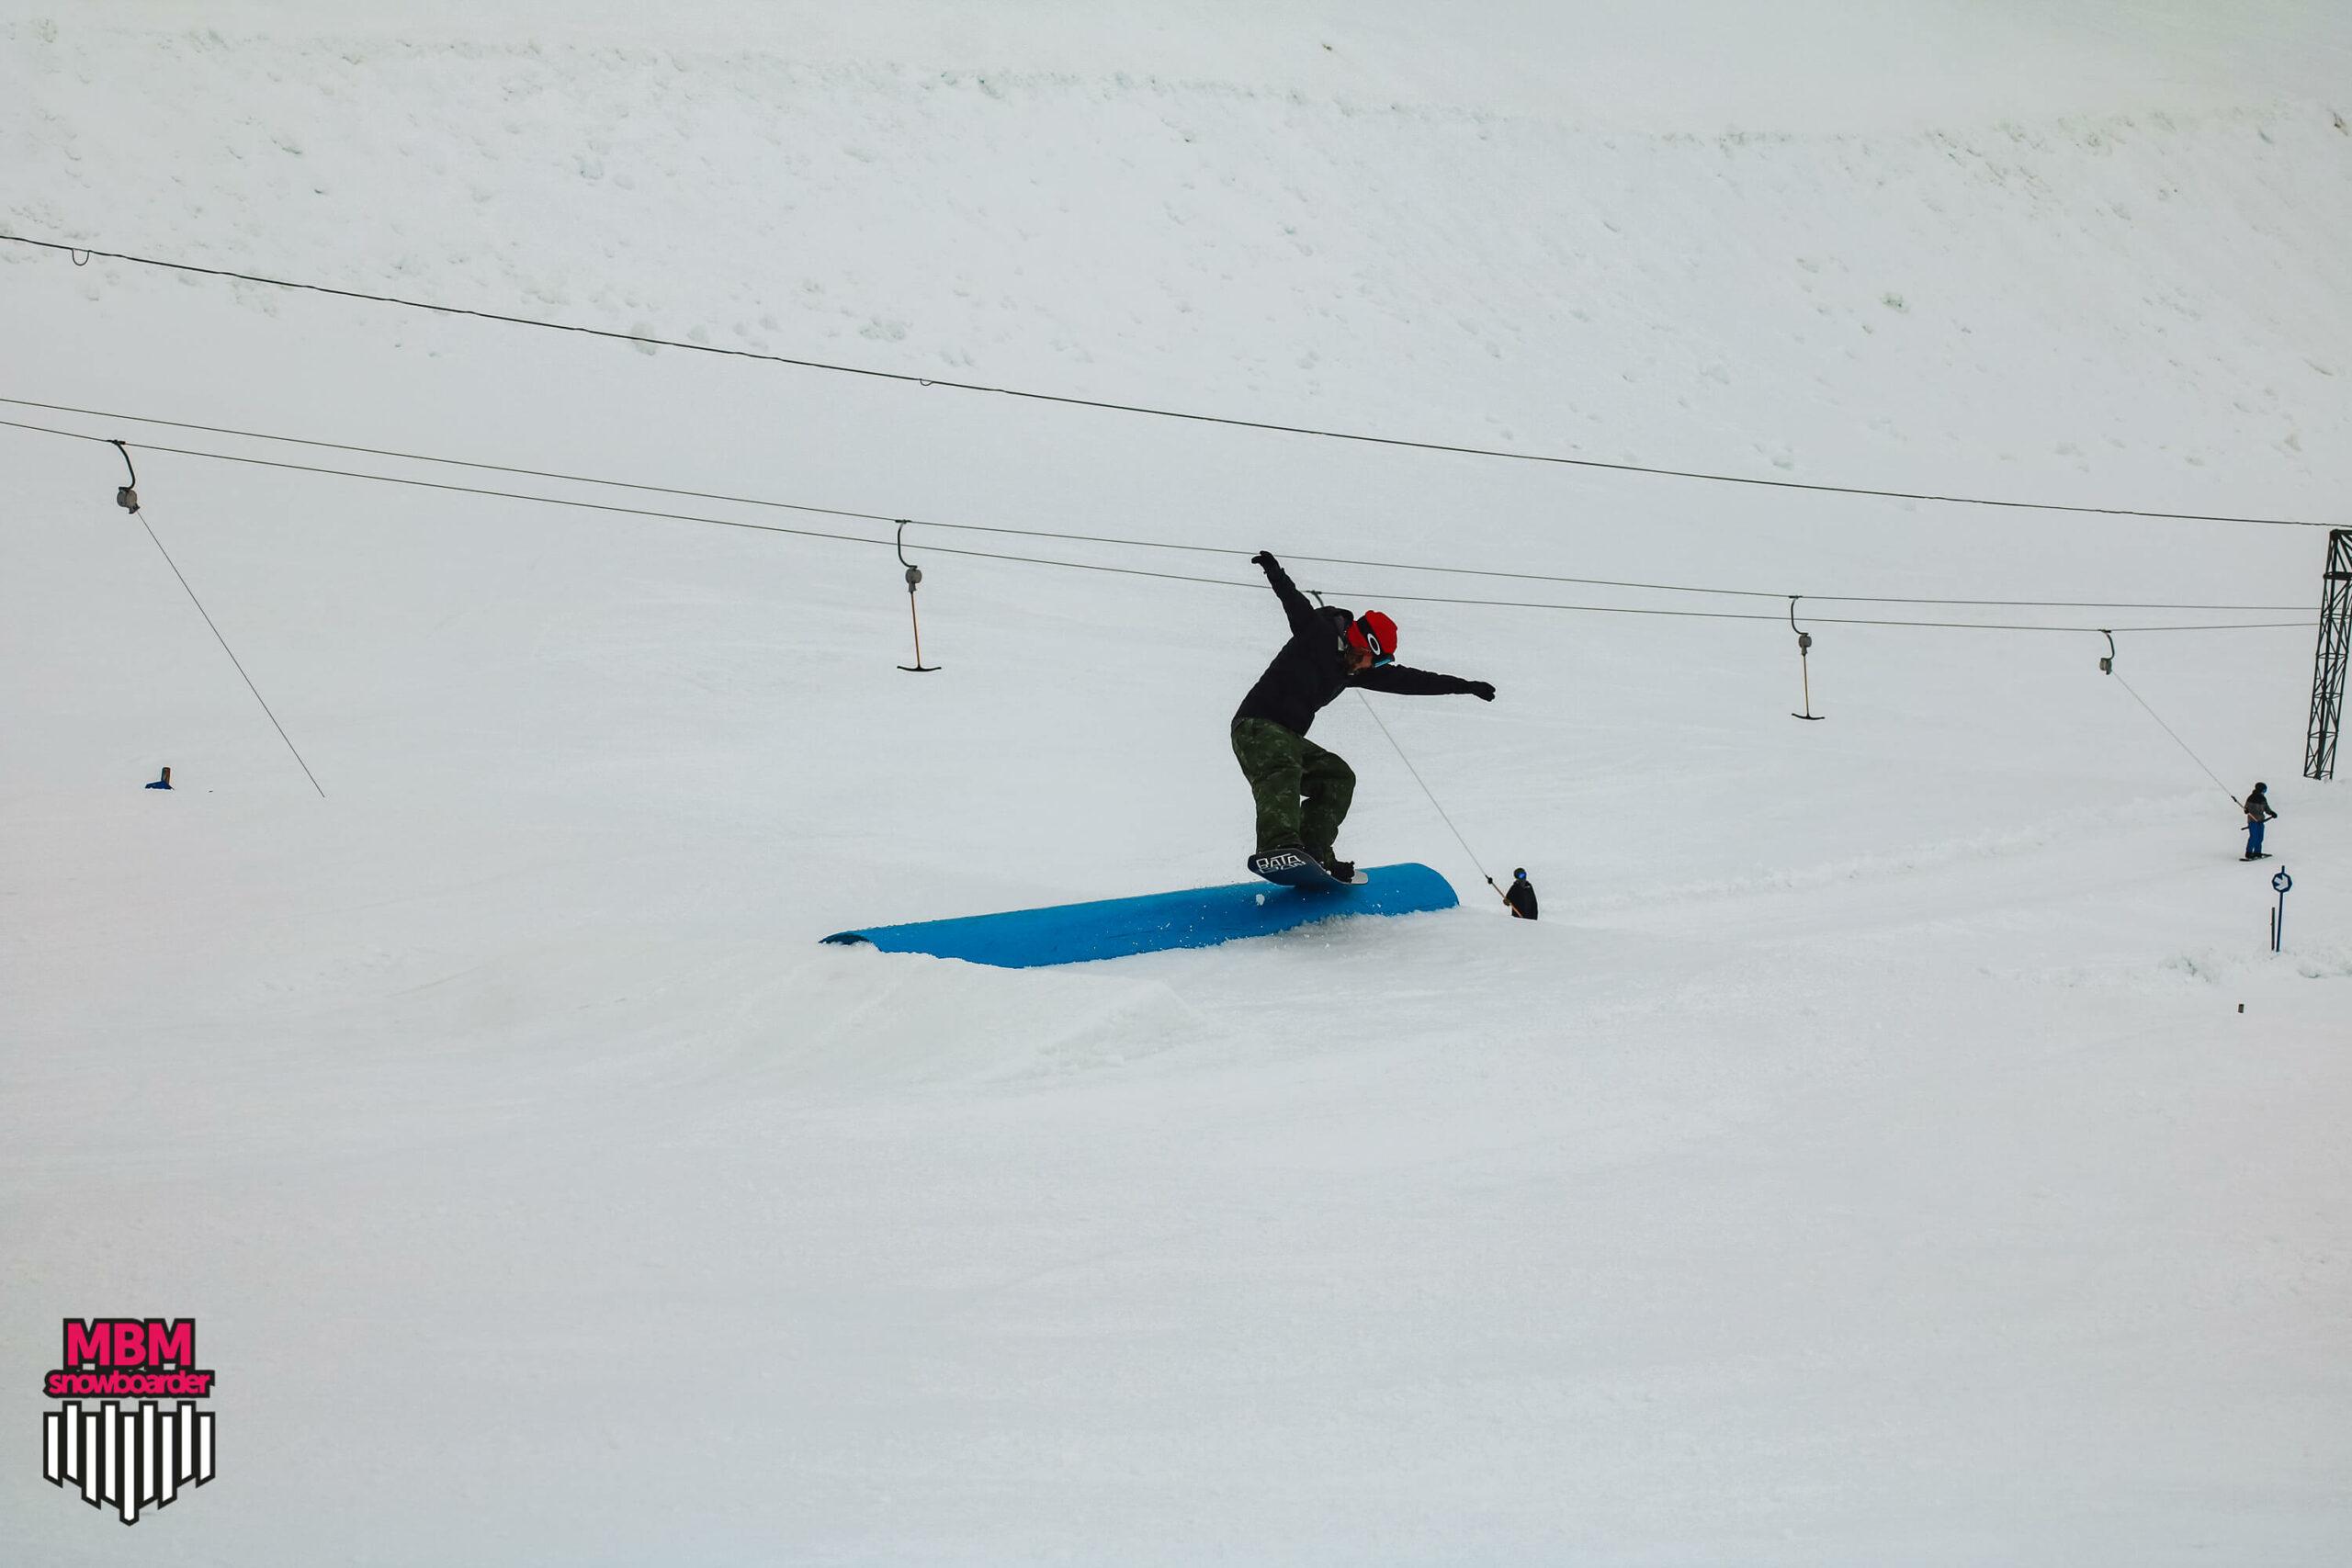 snowboarderMBM_sd_kaunertal_023